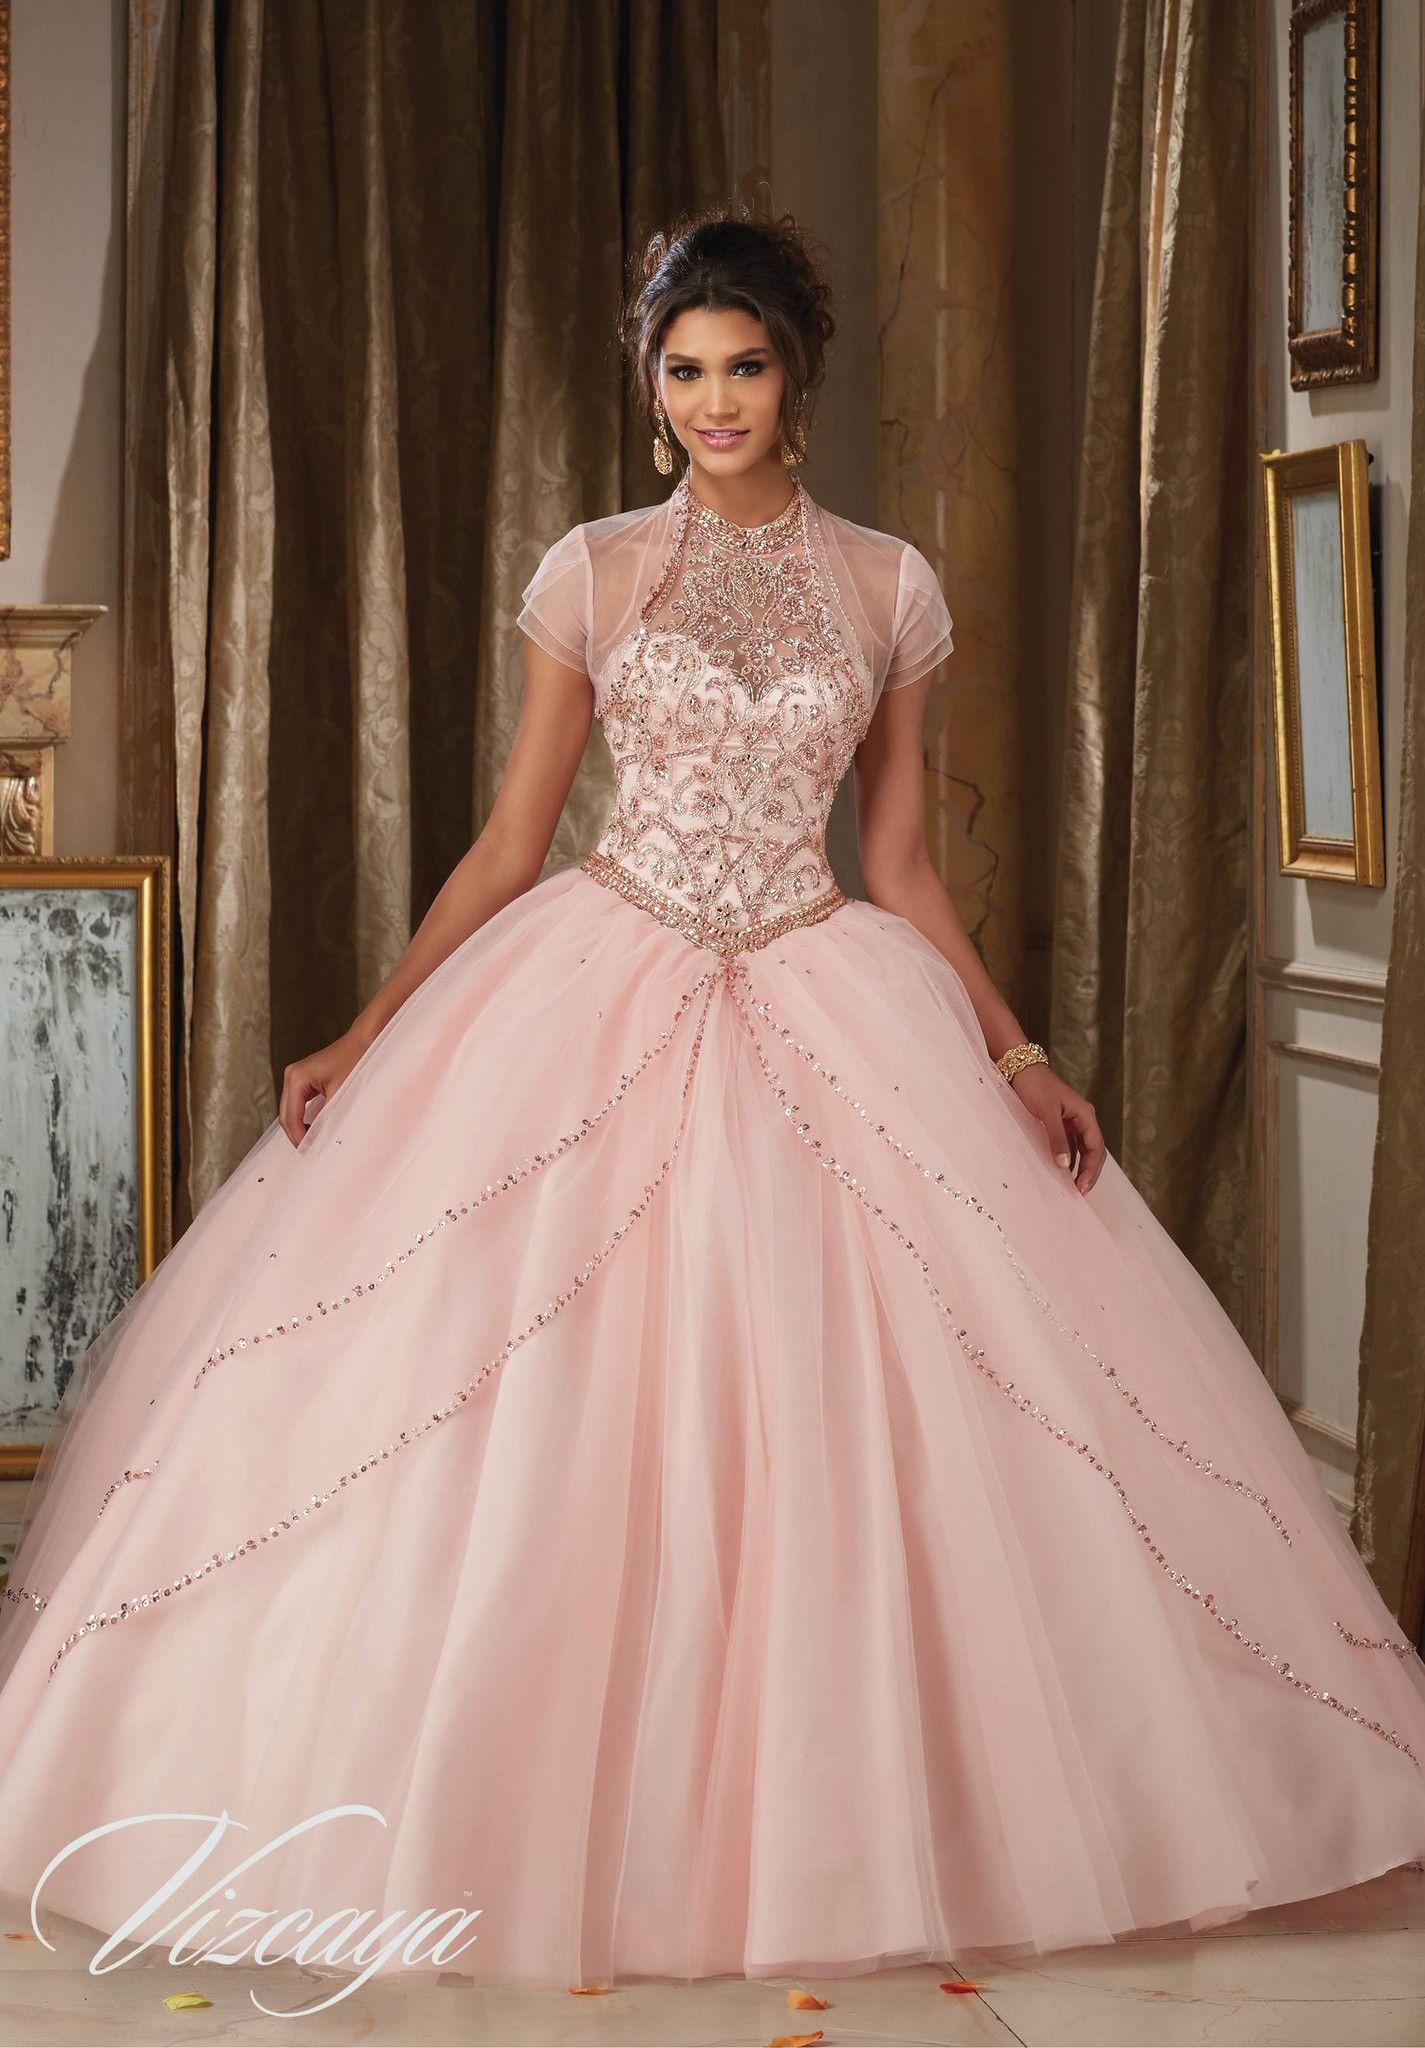 Mori Lee Quinceanera Dress 89114 | Pinterest | 15 años, Vestiditos y ...